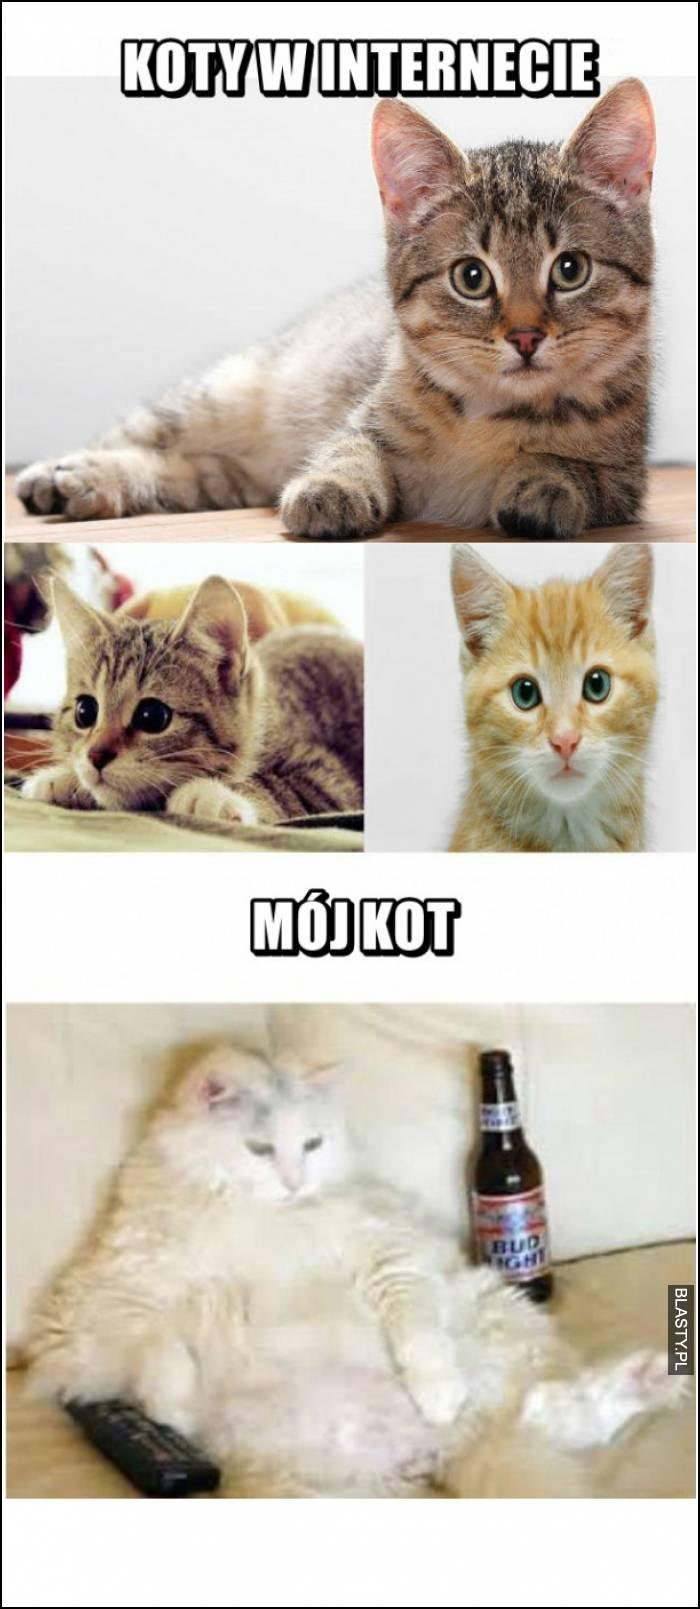 koty w internecie